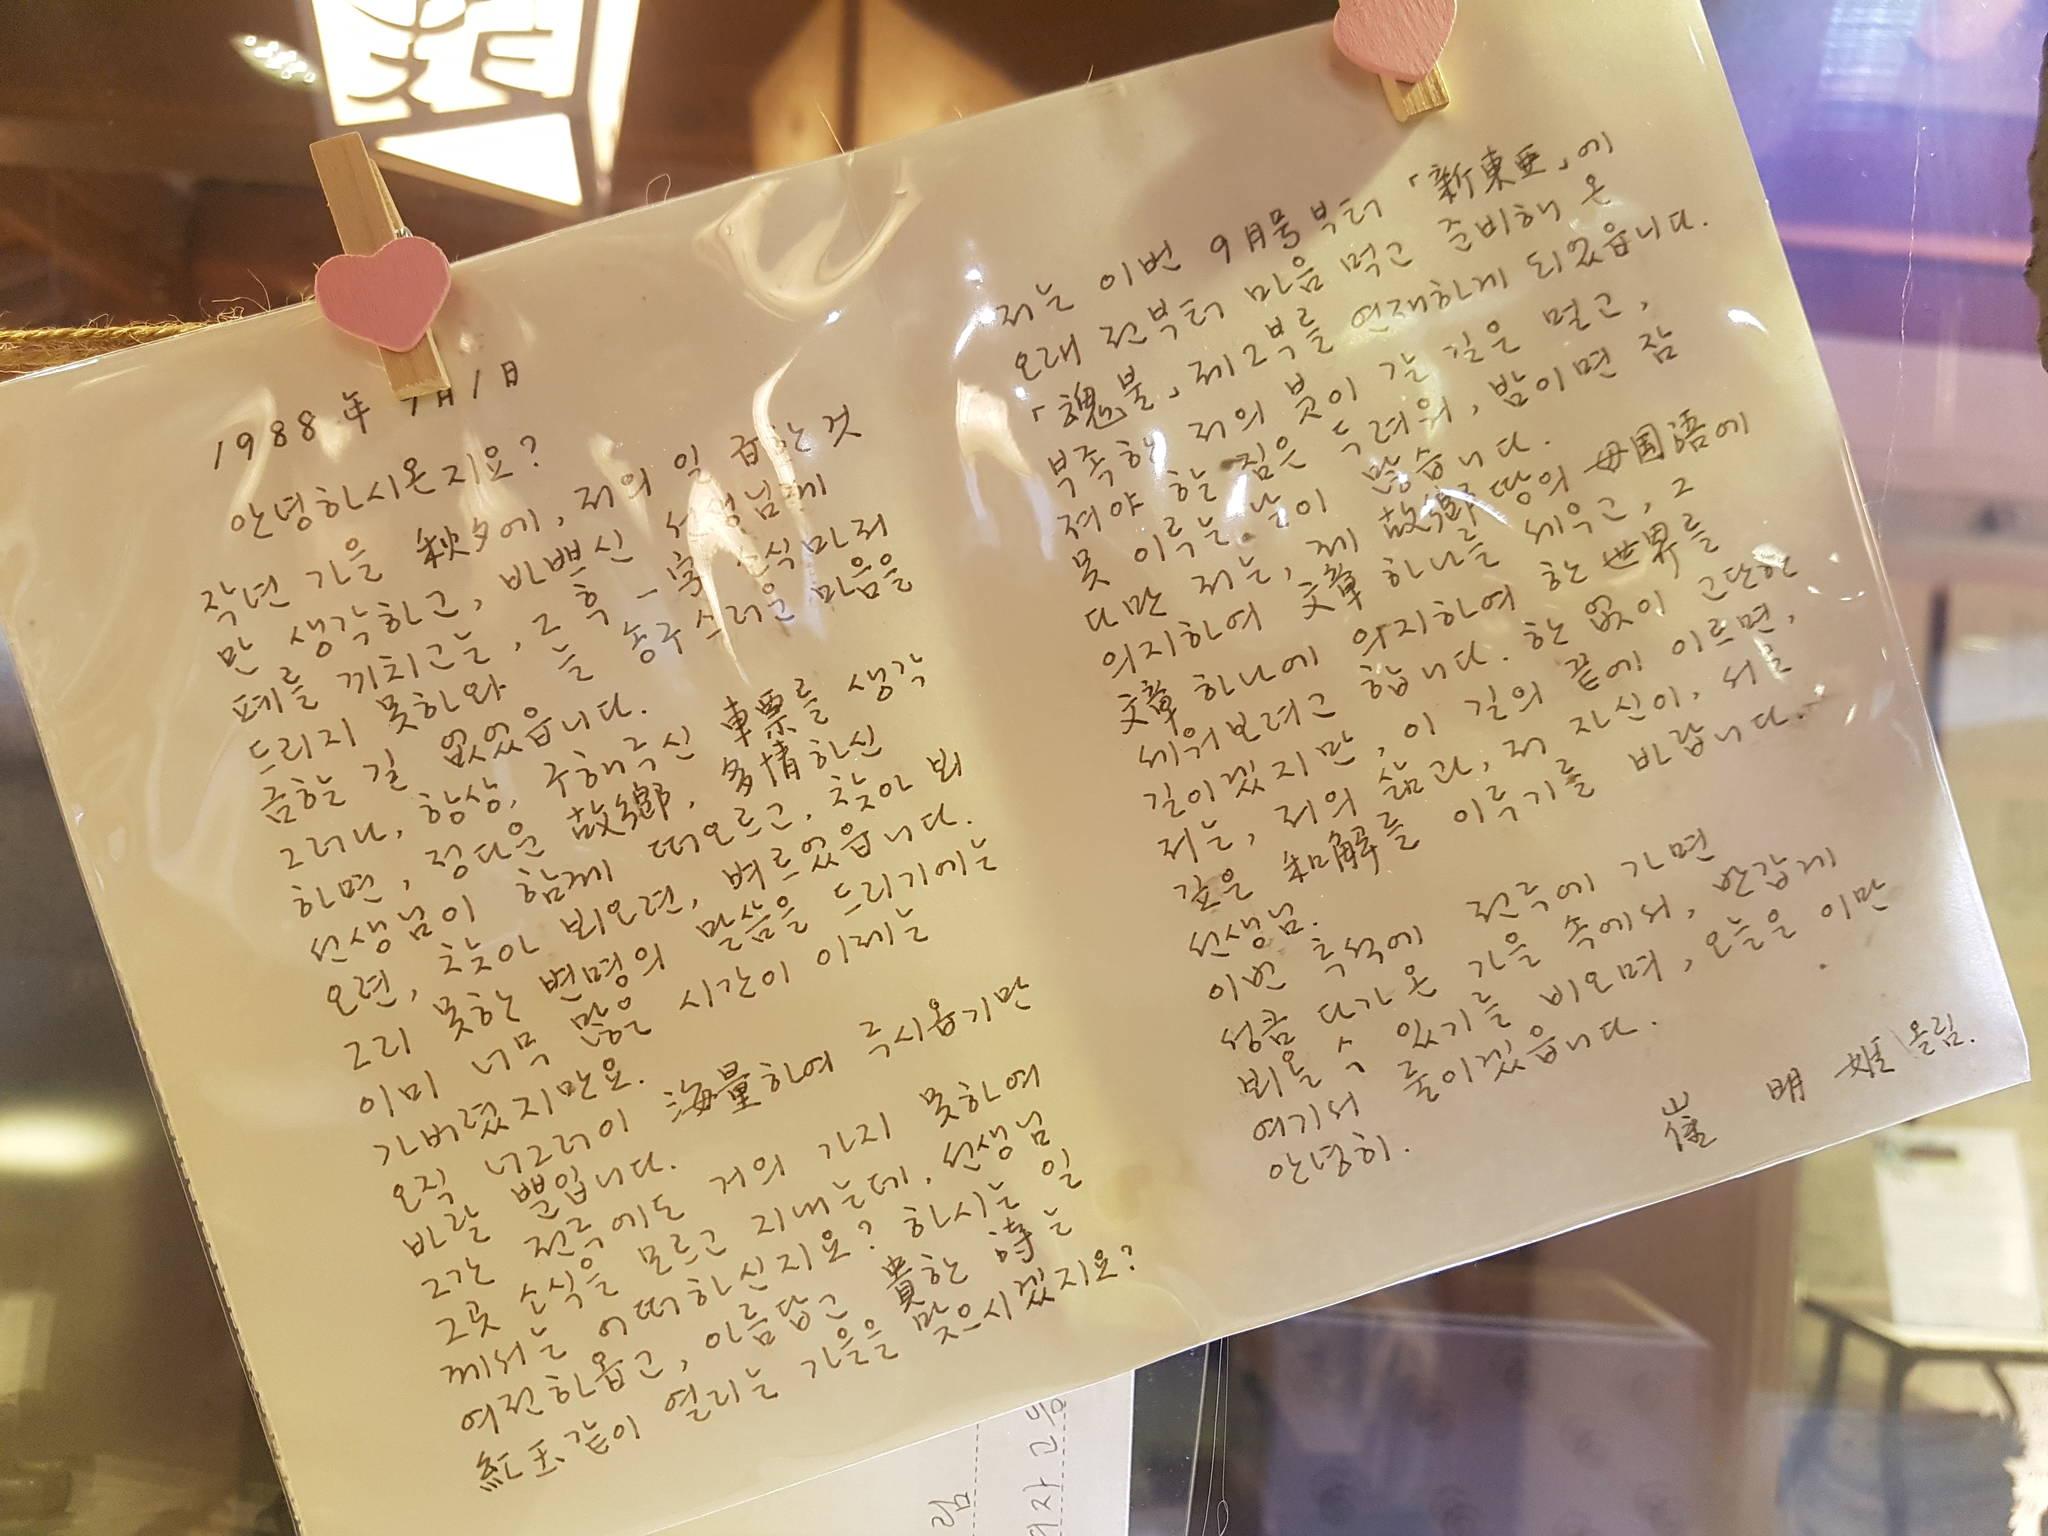 최명희가 1988년 9월 1일 당시 전북일보 편집국장이던 김남곤 시인에게 보낸 편지. 『혼불』 2부 연재를 앞둔 그의 굳은 각오가 담겼다. 전주=김준희 기자